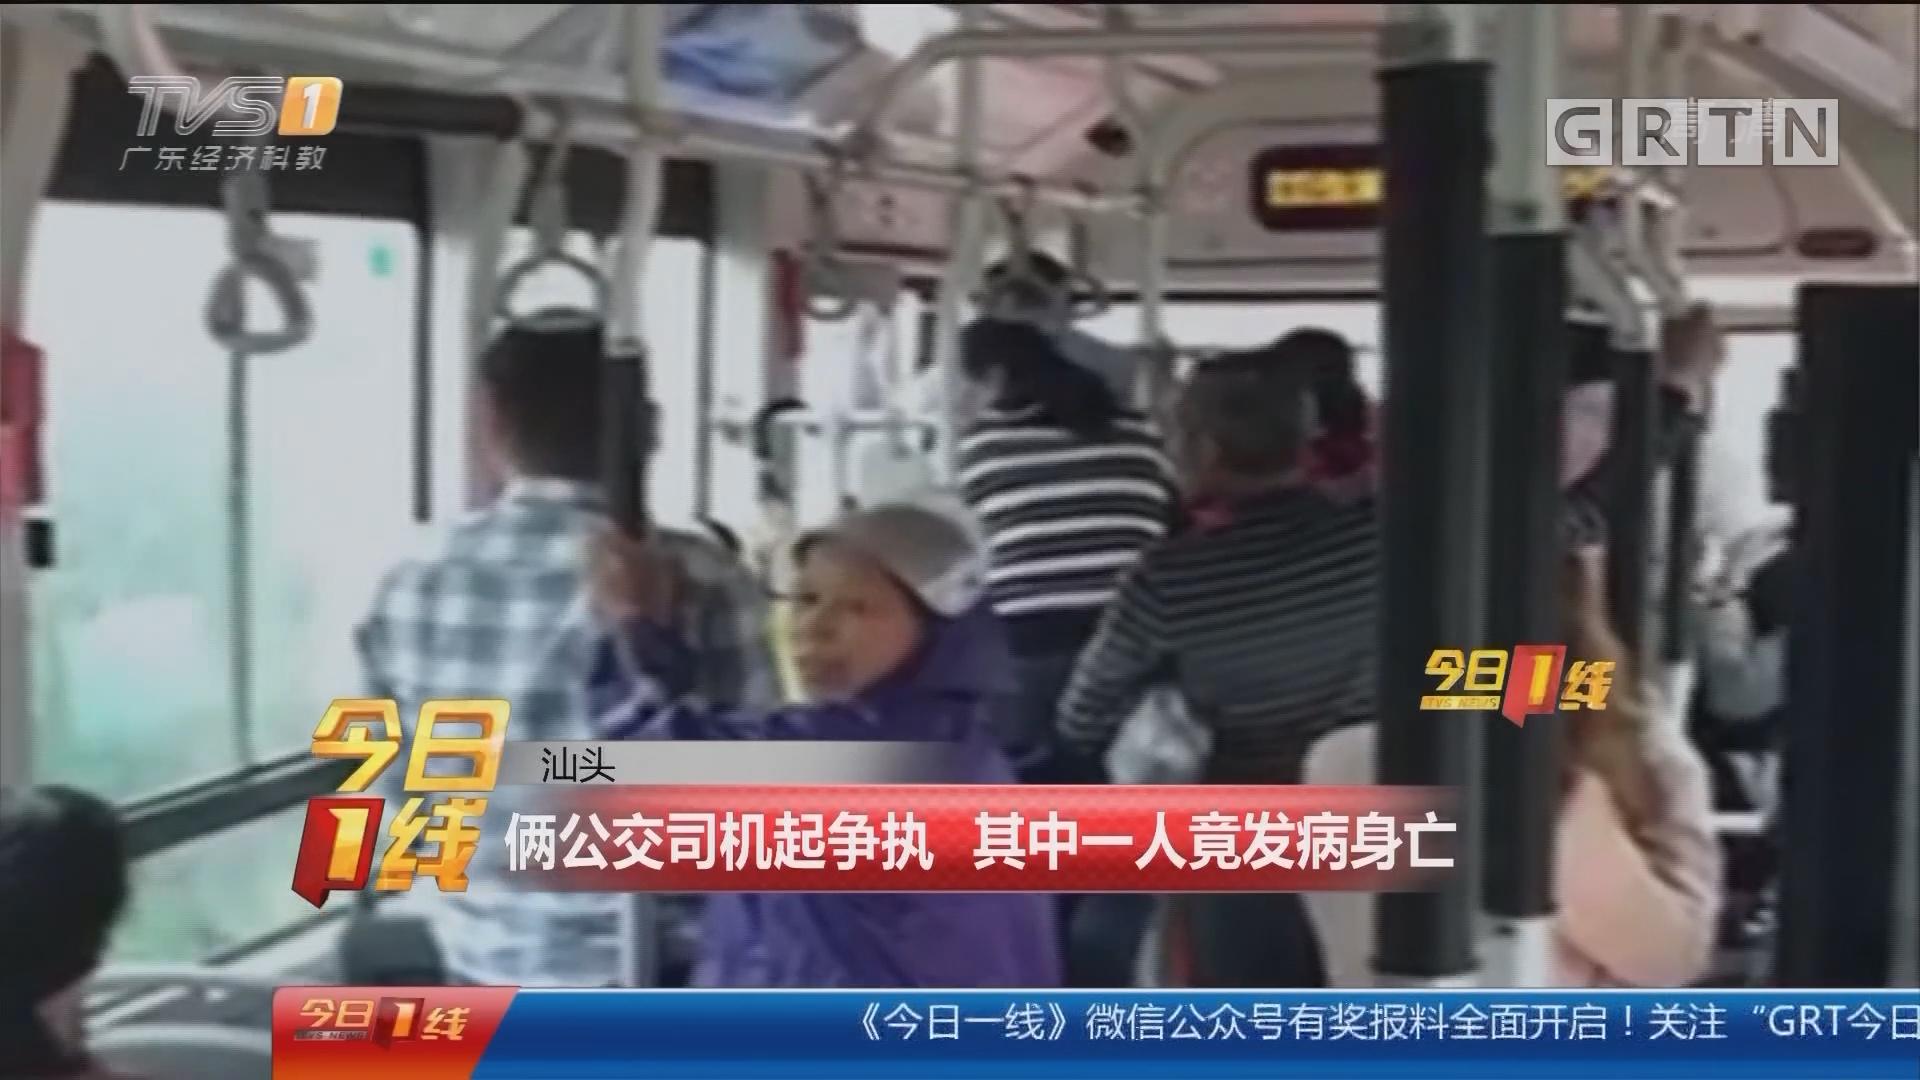 汕头:俩公交司机起争执 其中一人竟发病身亡